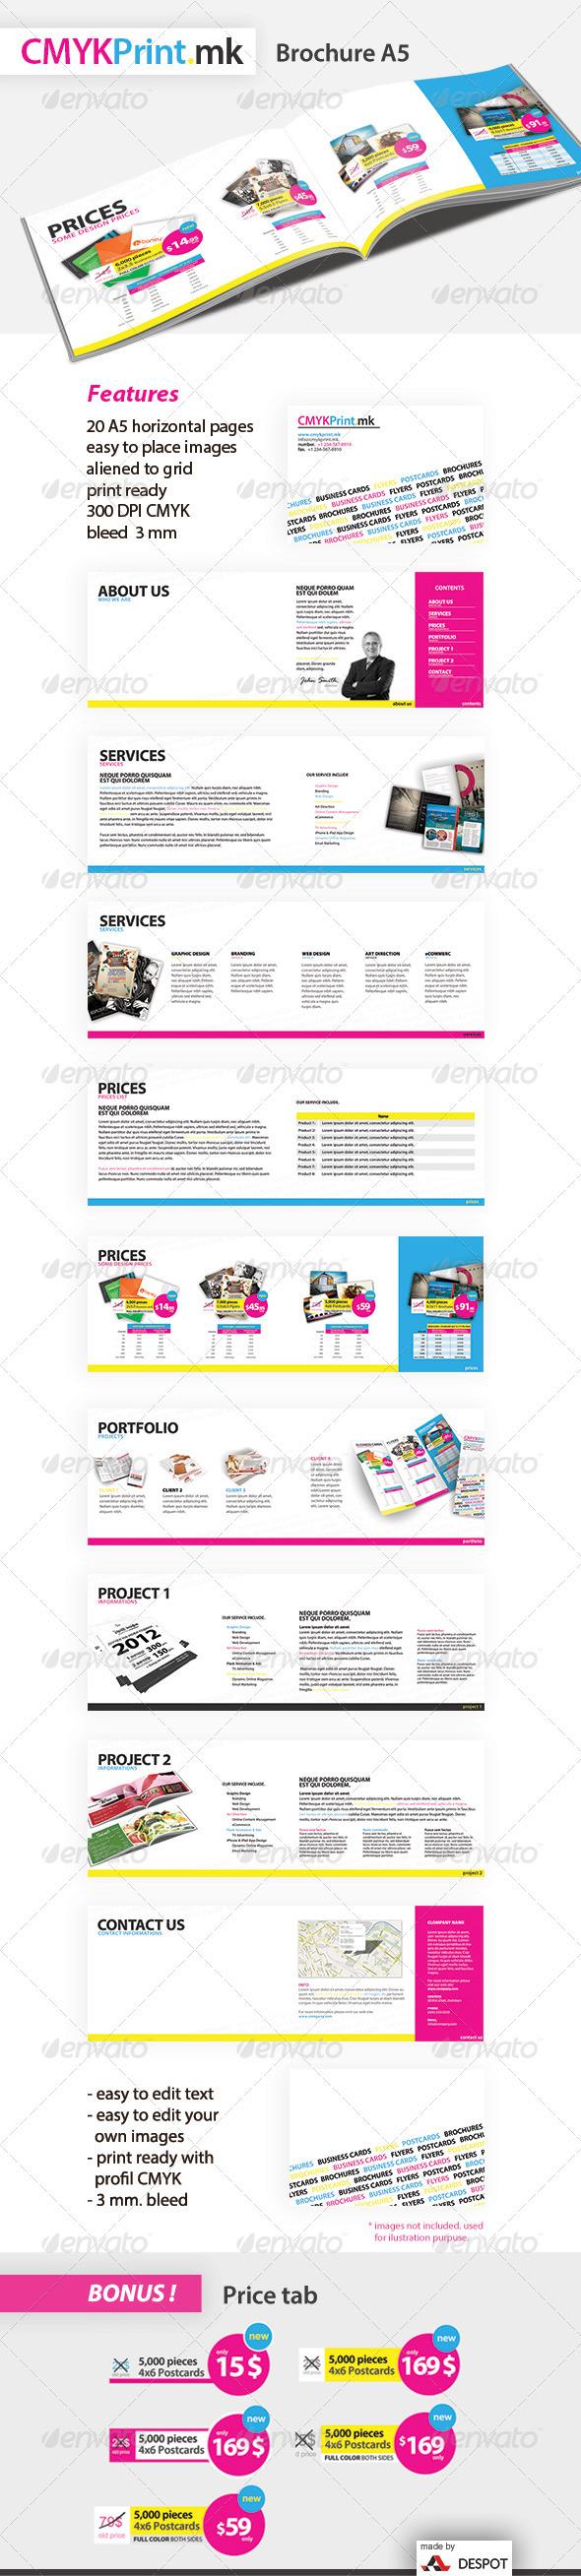 CMYK Print Brochure A5 - Brochures Print Templates